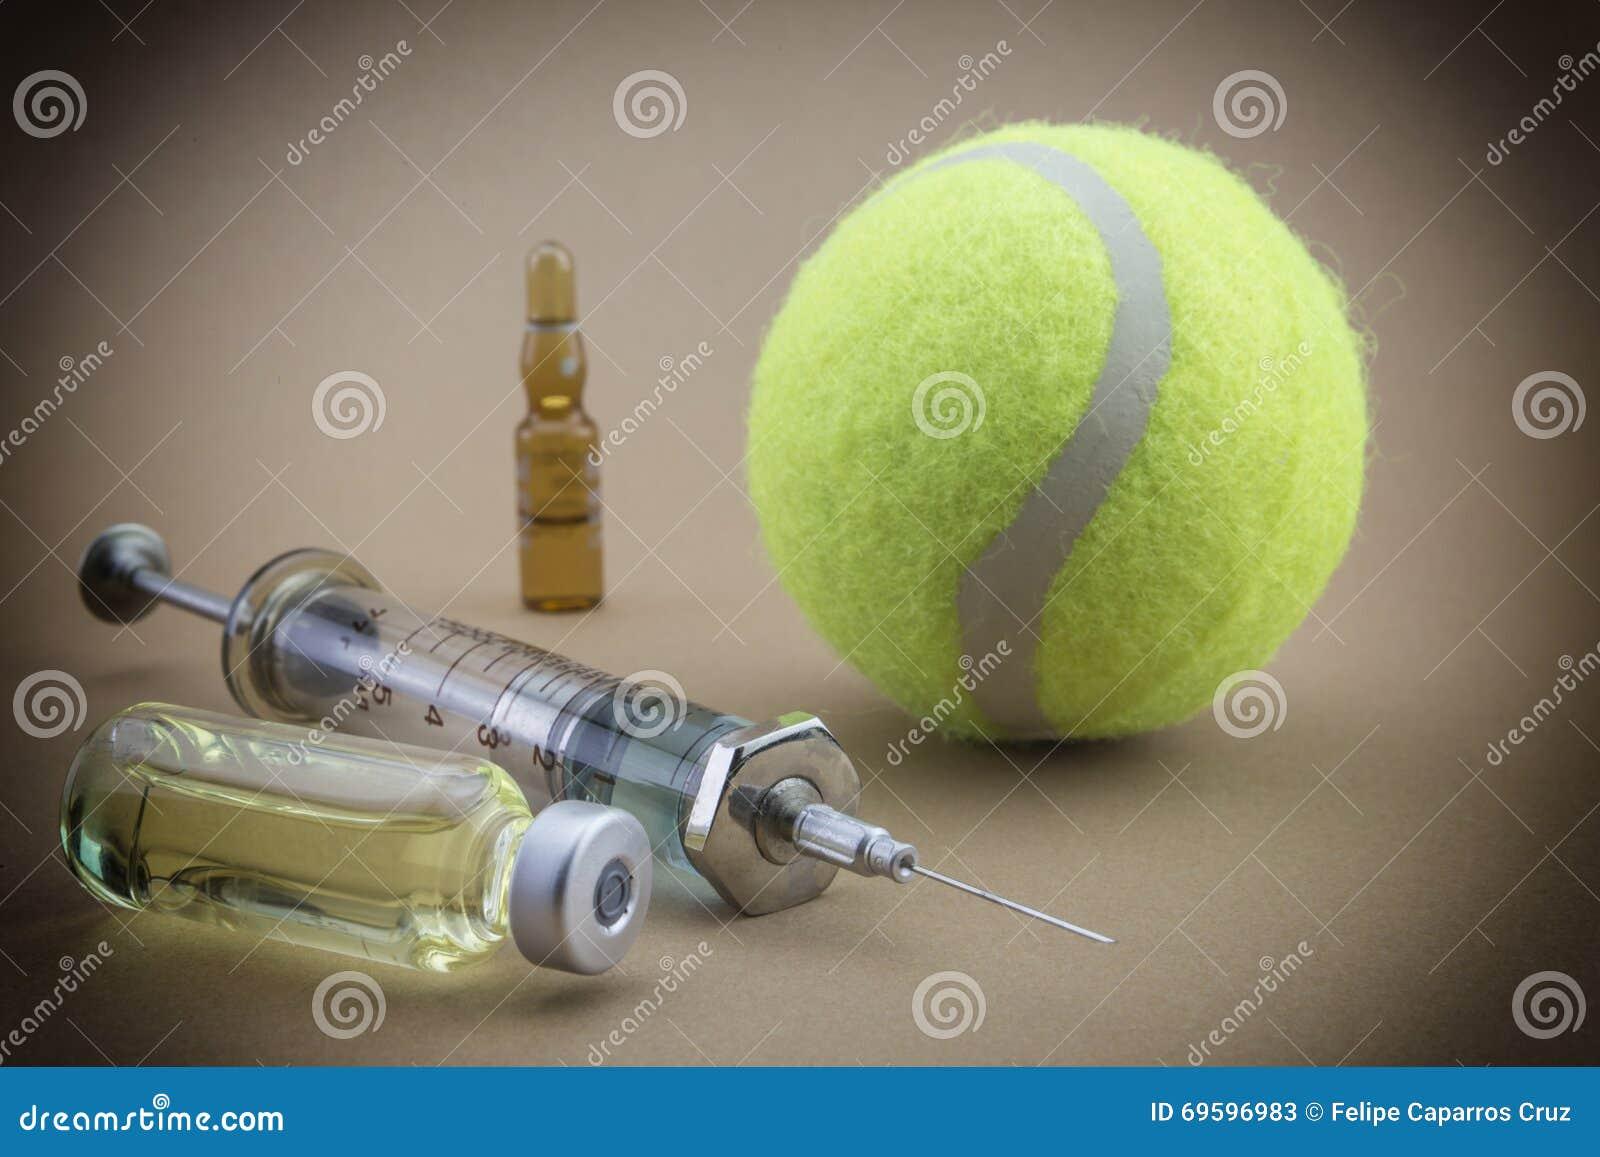 baacc930e76 Testes Para A Pesquisa Da Urina Junto Com Uma Bola Do Tênis Imagem ...